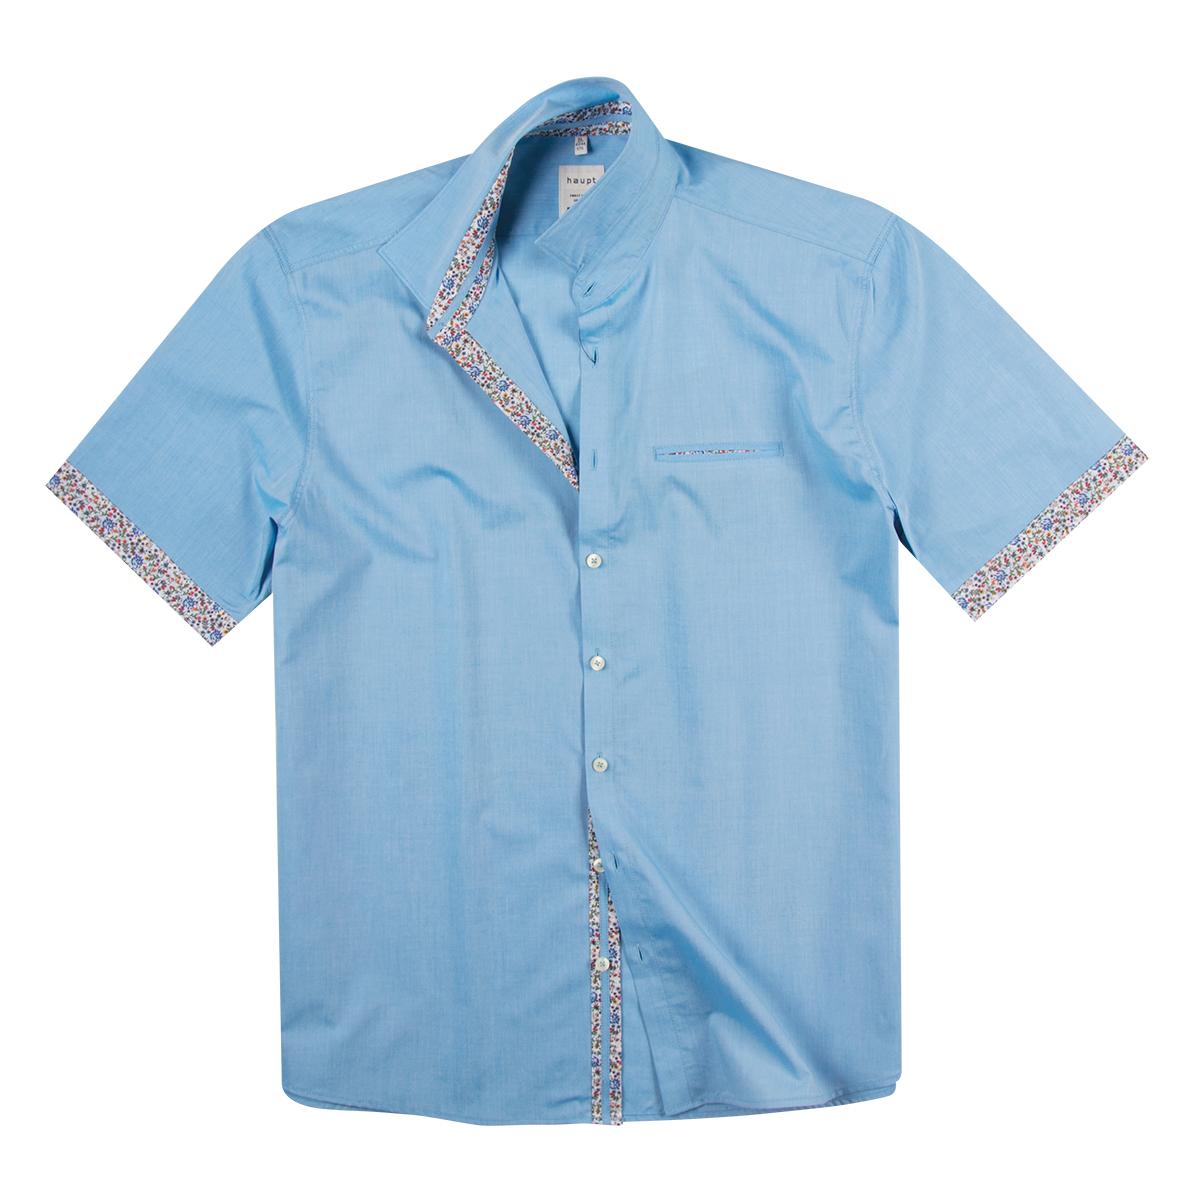 e6b3e8528880 Übergrößen Kurzarmhemd hellblau melange modische Details Haupt